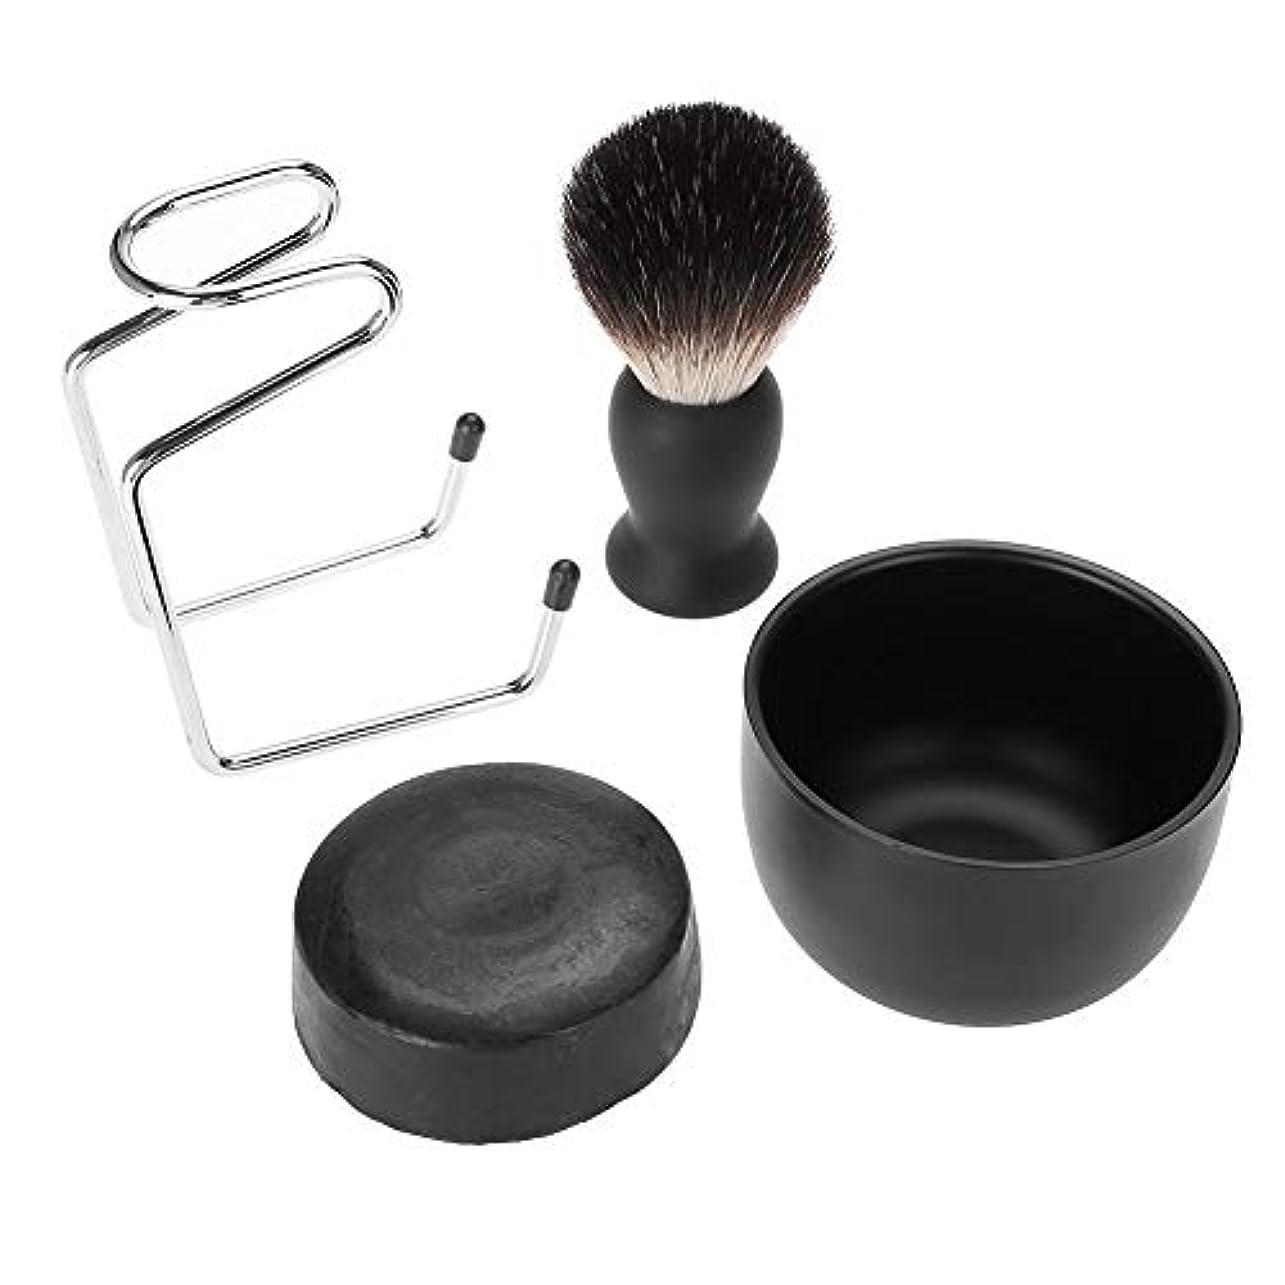 有効な高尚な絶滅ひげ剃りセット、ひげ剃りツールキット付きシェービングブラシ+ブラシスタンド+シェービングソープ+男性用ギフトサロンホームトラベル使用